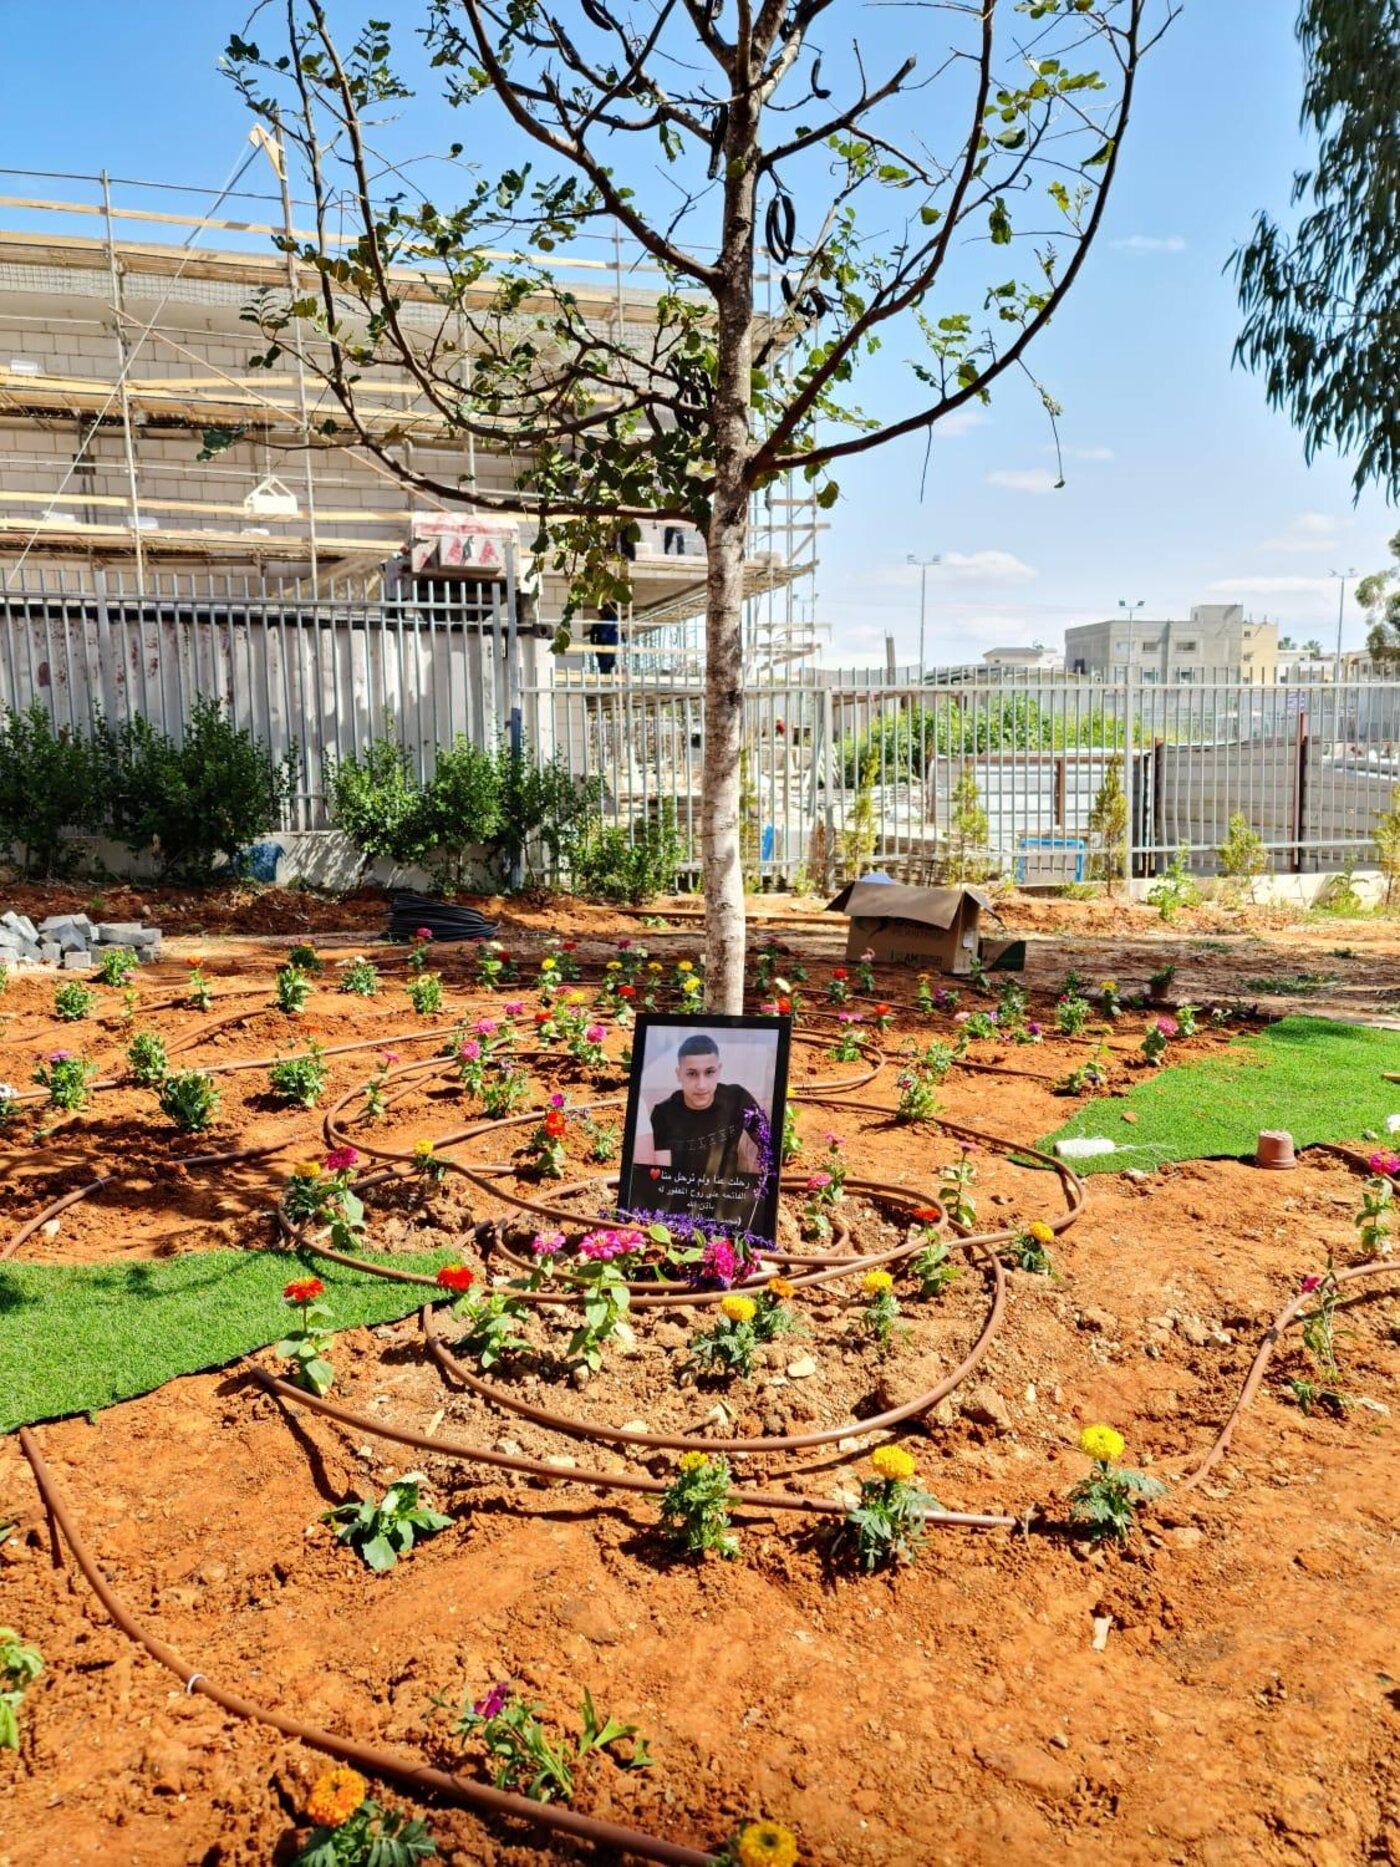 הנצחה לזכרו של מוחמד עדס בבית הספר התיכון שבו למד בג'לג'וליה. צילום: ראמי גאנם, מנהל בית הספר